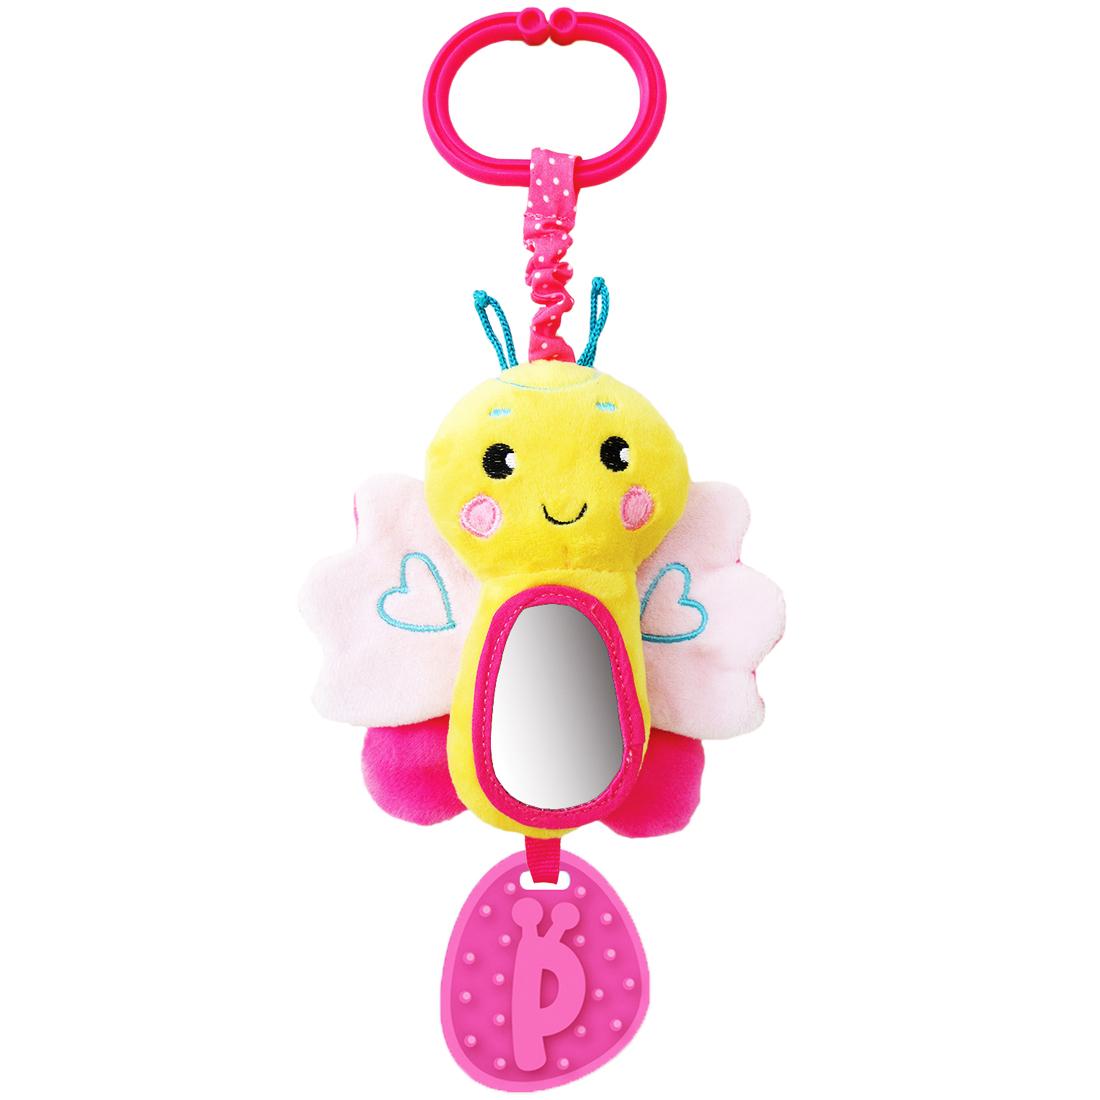 Игры и игрушки в дорогу Жирафики Подвеска Жирафики «Бабочка» с зеркальцем и звуком розовая подвесные игрушки жирафики бабочка 93848